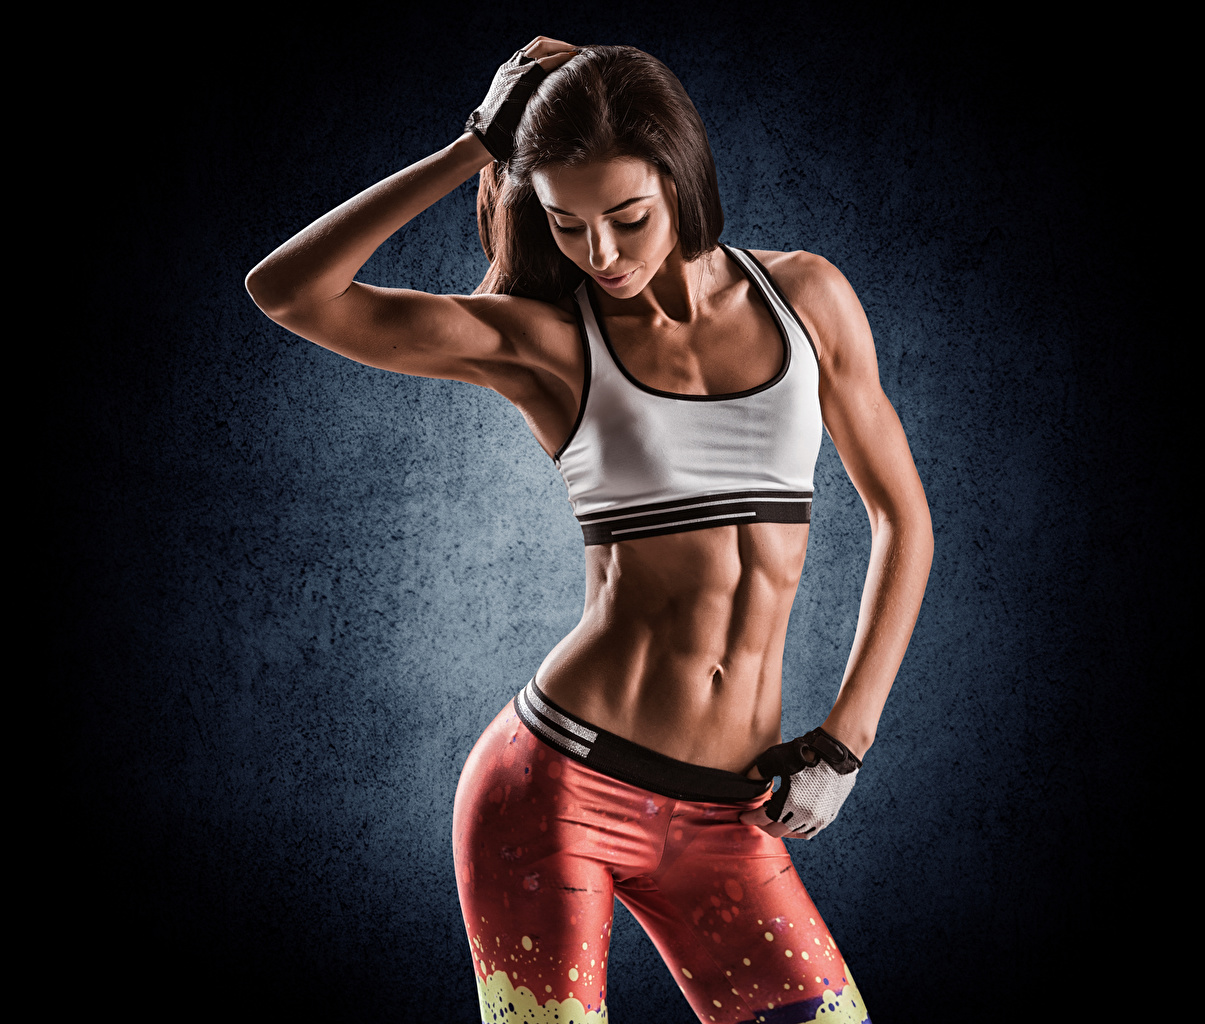 Fotos von Braune Haare Fitness Sport Mädchens Hand Bauch Braunhaarige